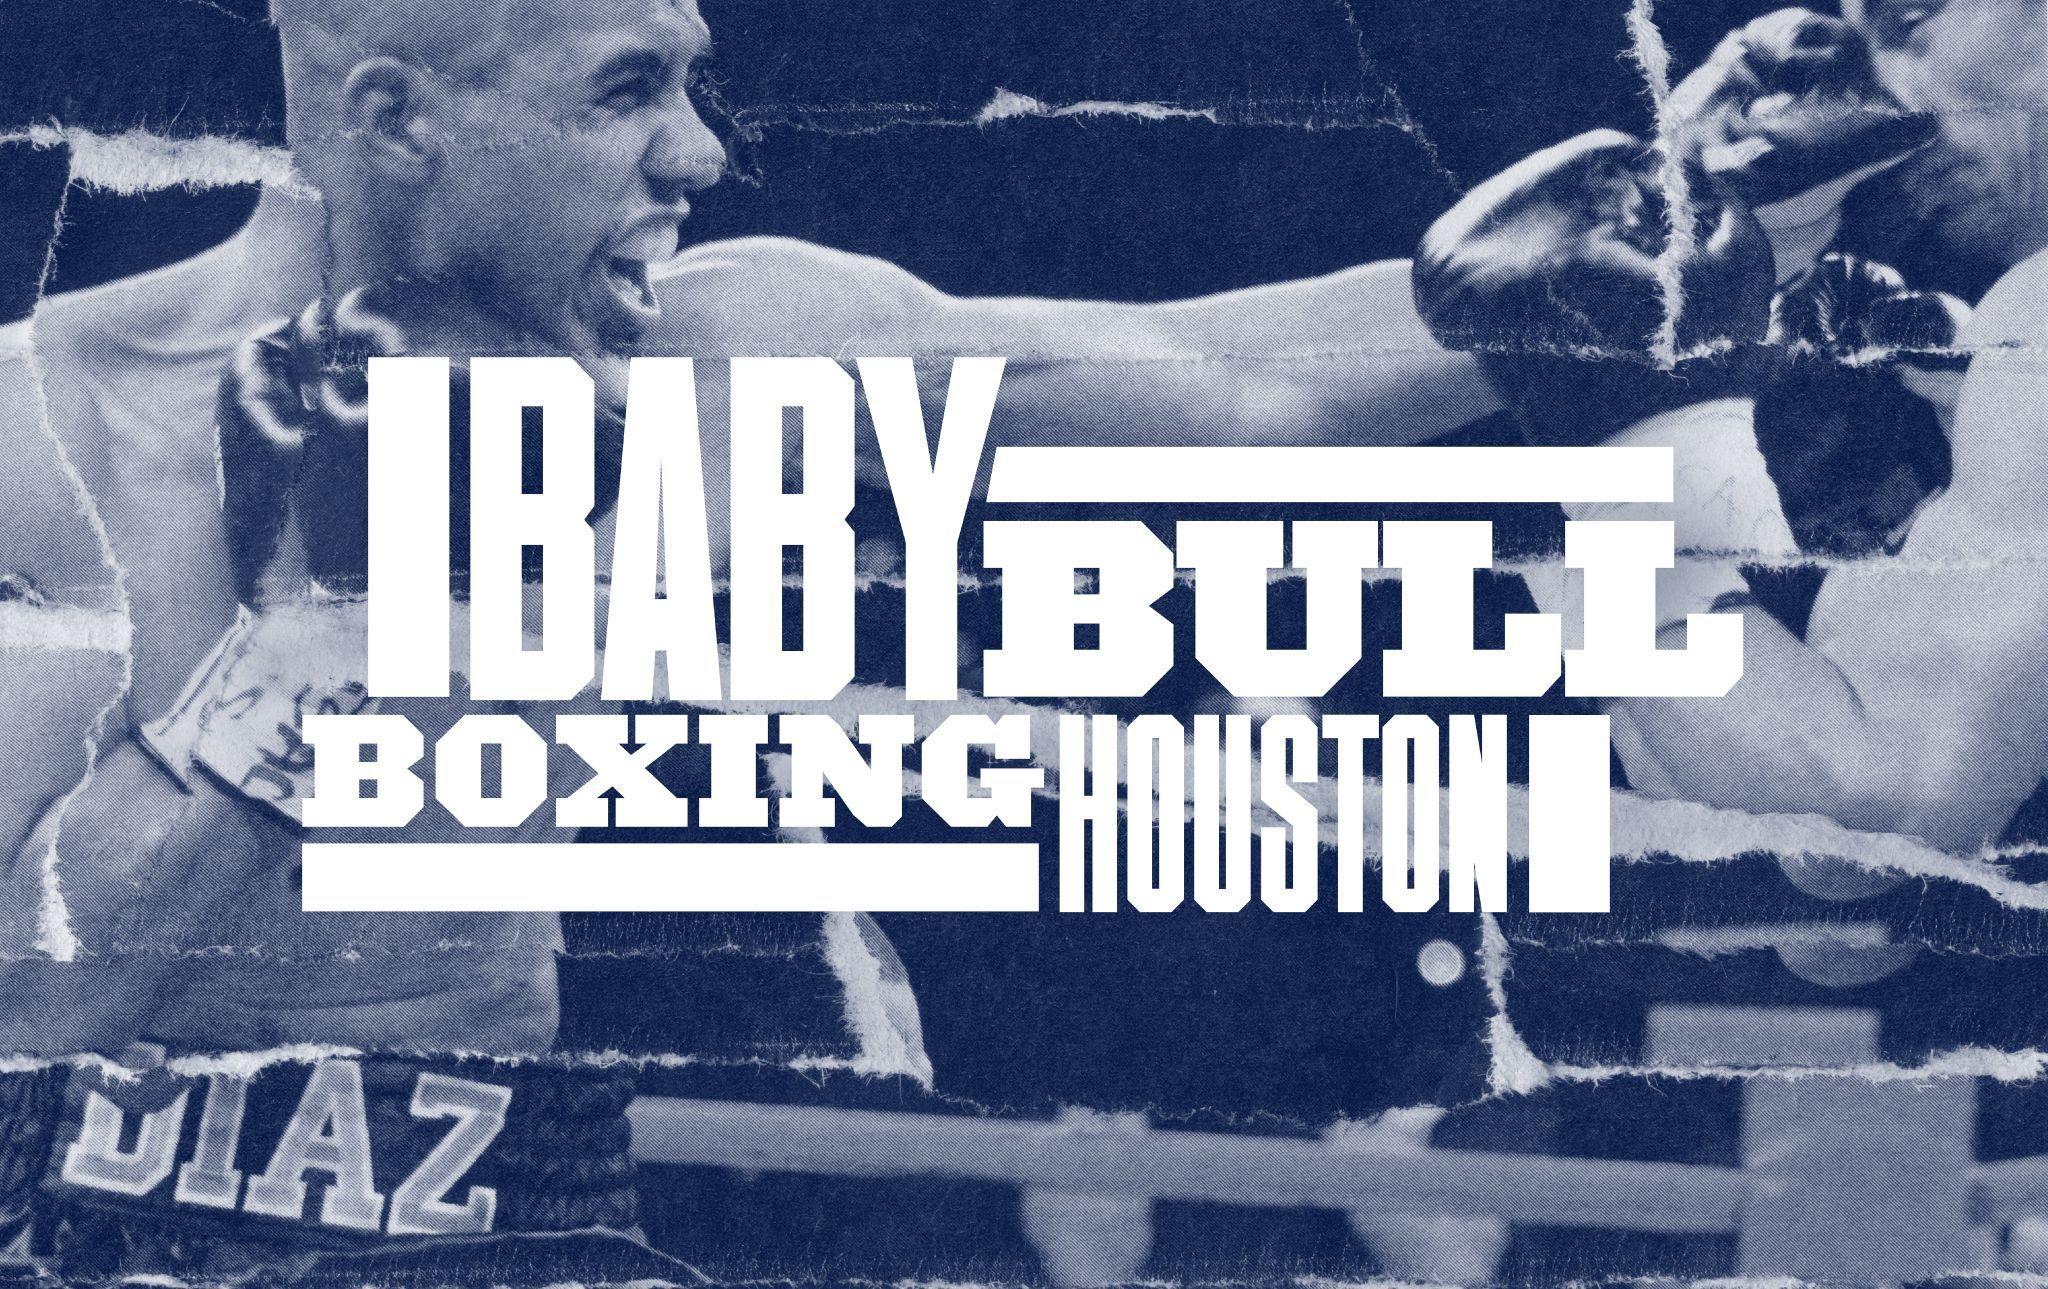 Baby bull boxing logo and interior graphics visual